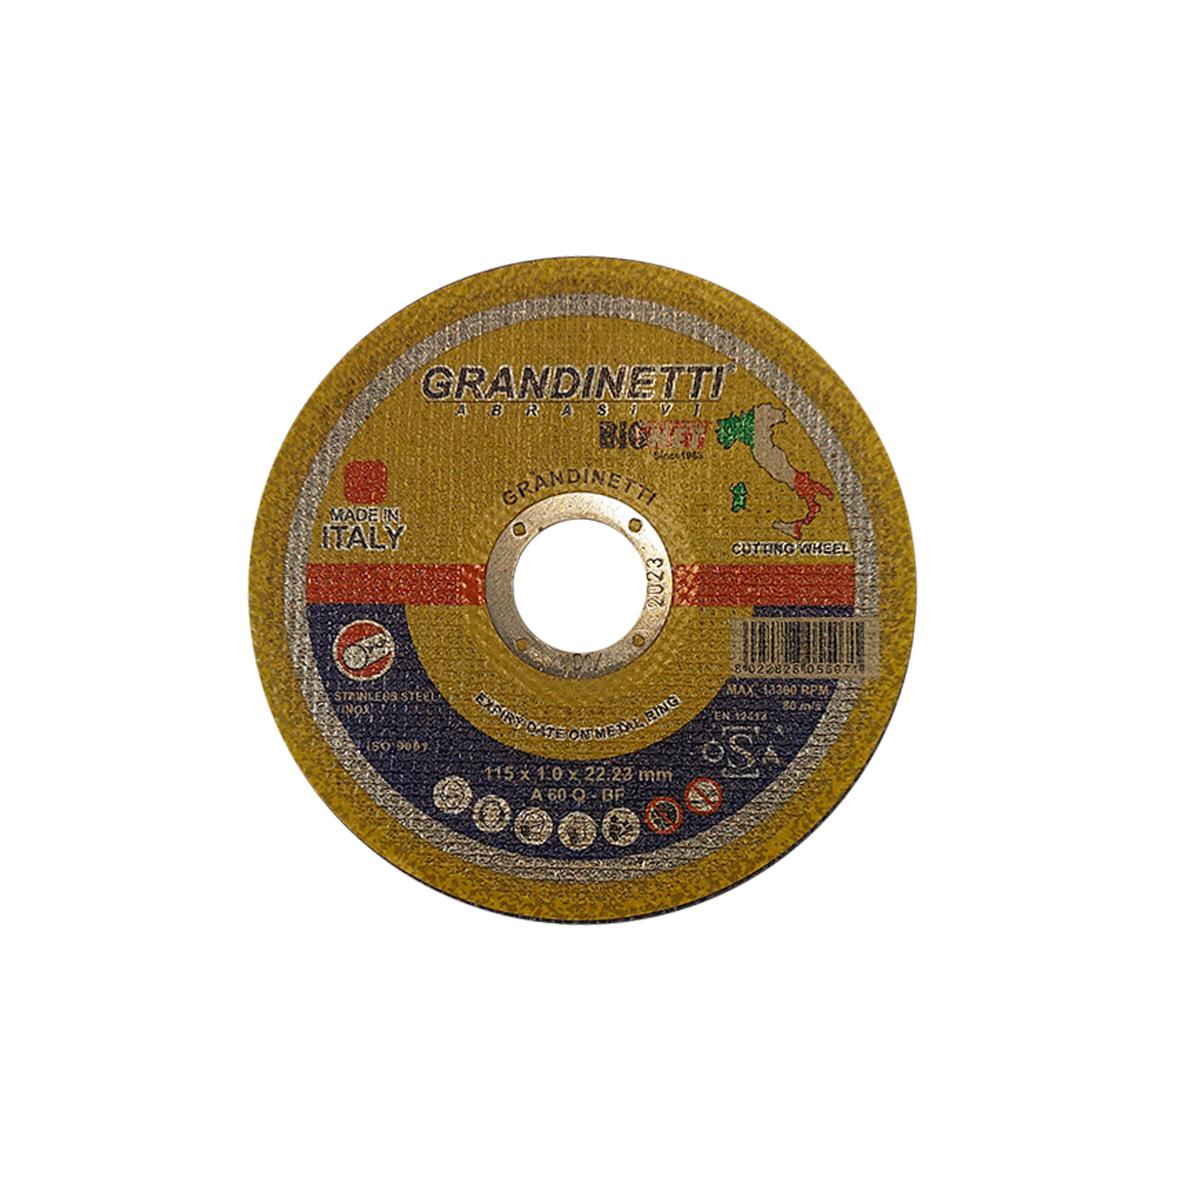 صفحه سنگ استیل بر مینی گرندینتی ۱×۱۱۵